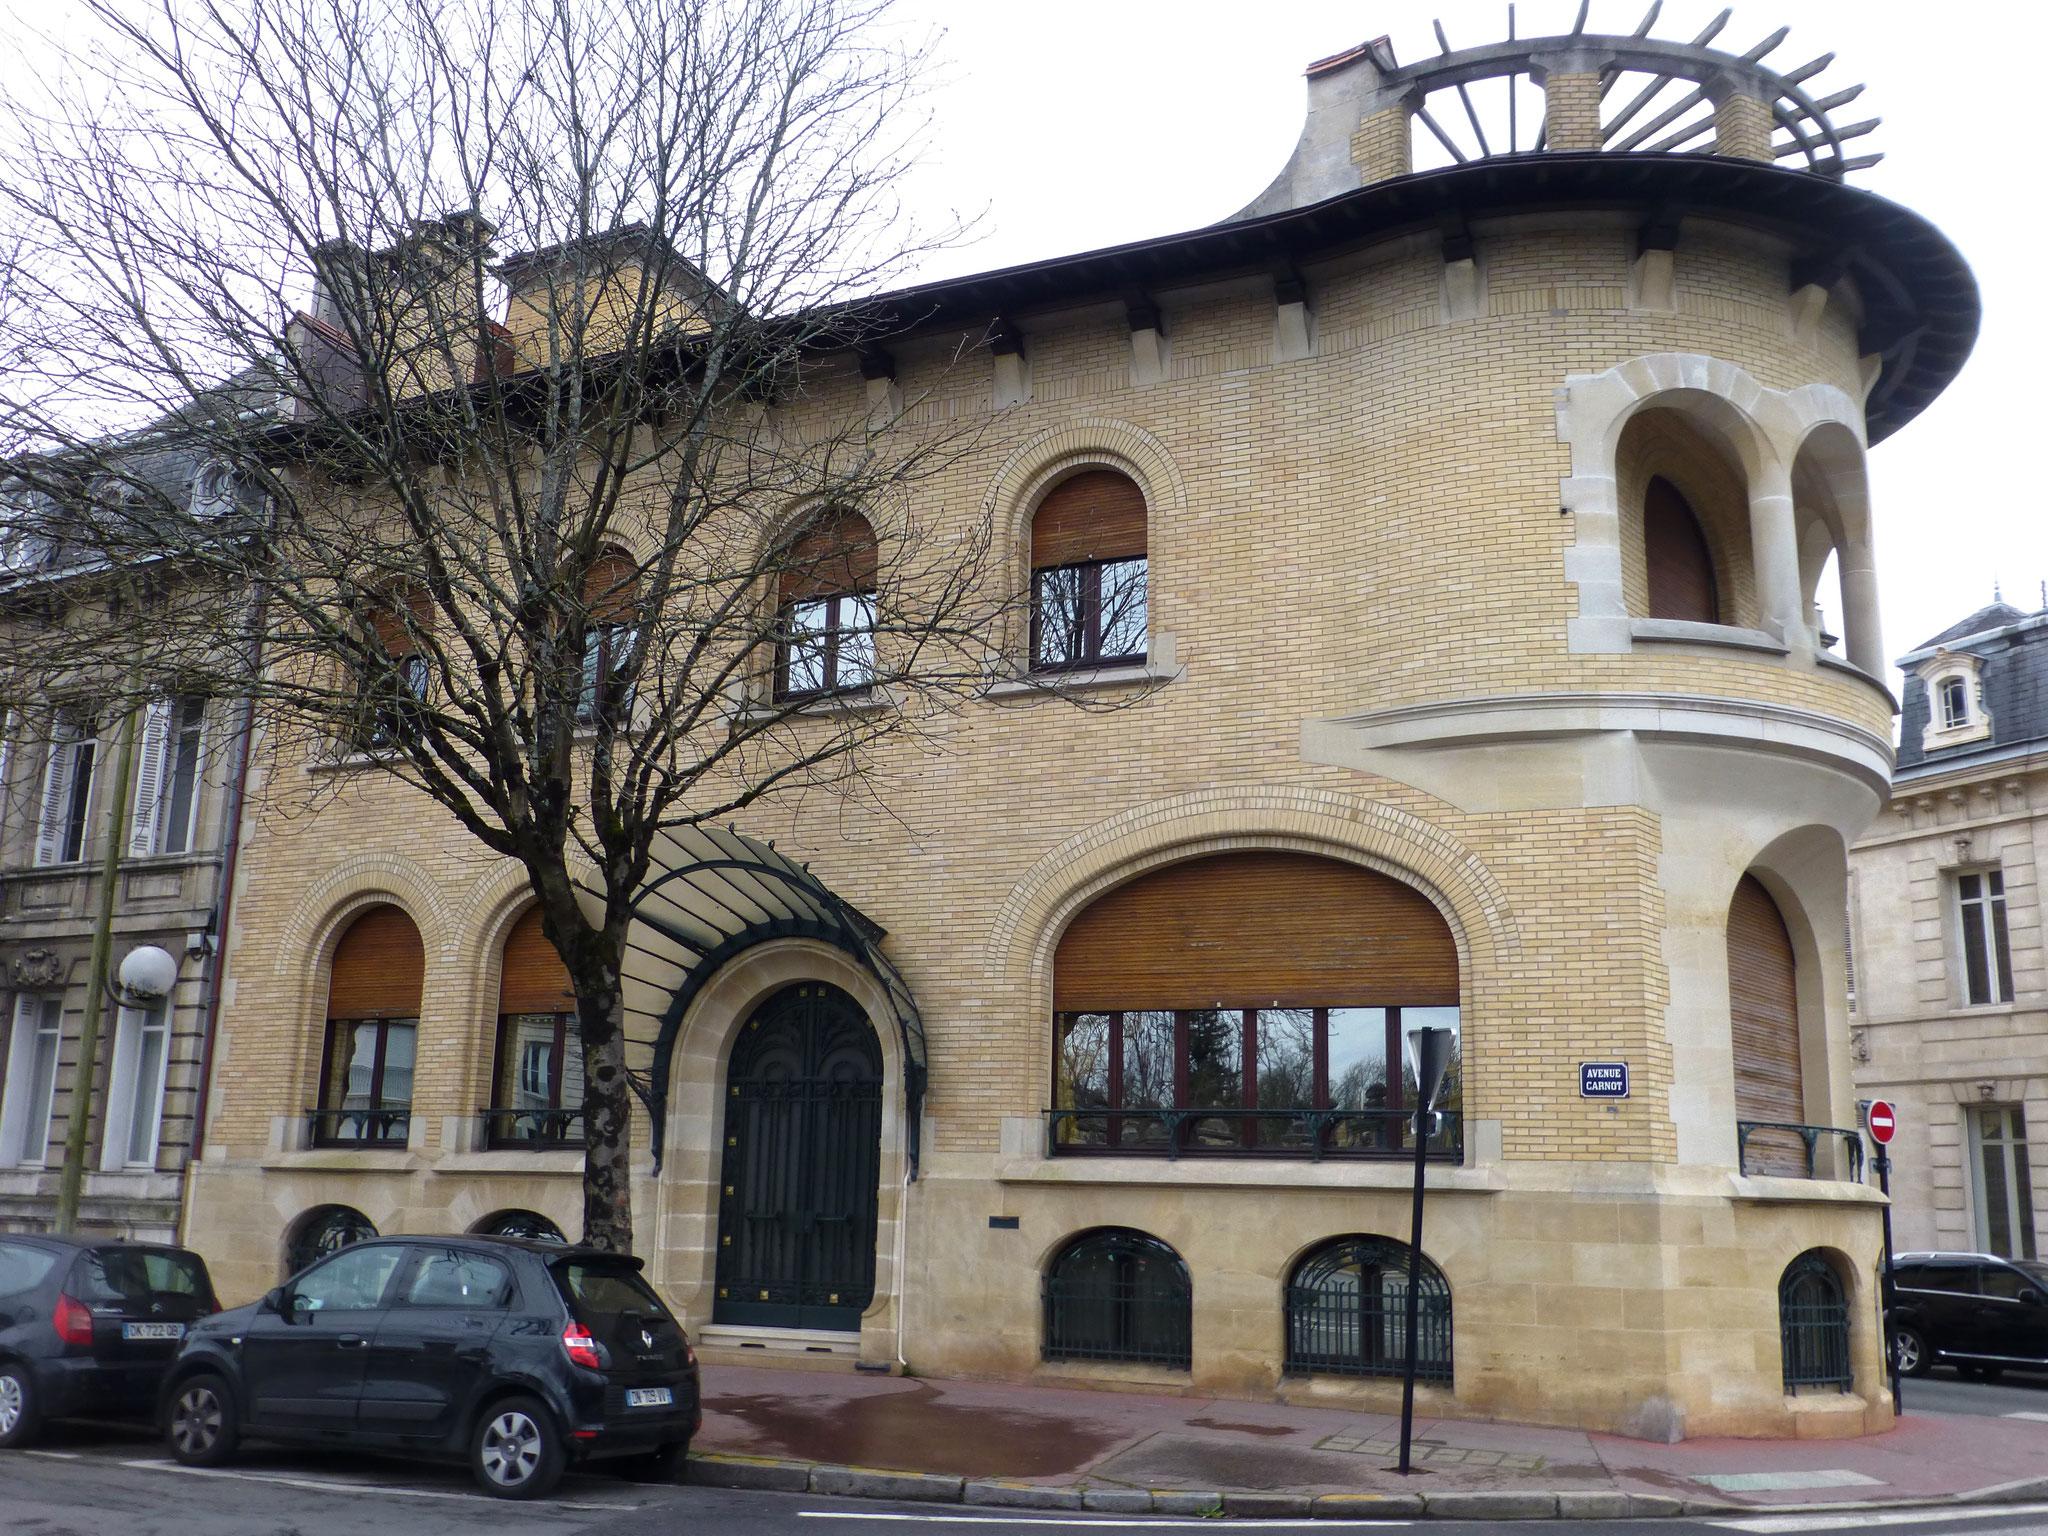 Hôtel Ferret, 80 avenue Carnot, près du Parc bordelais